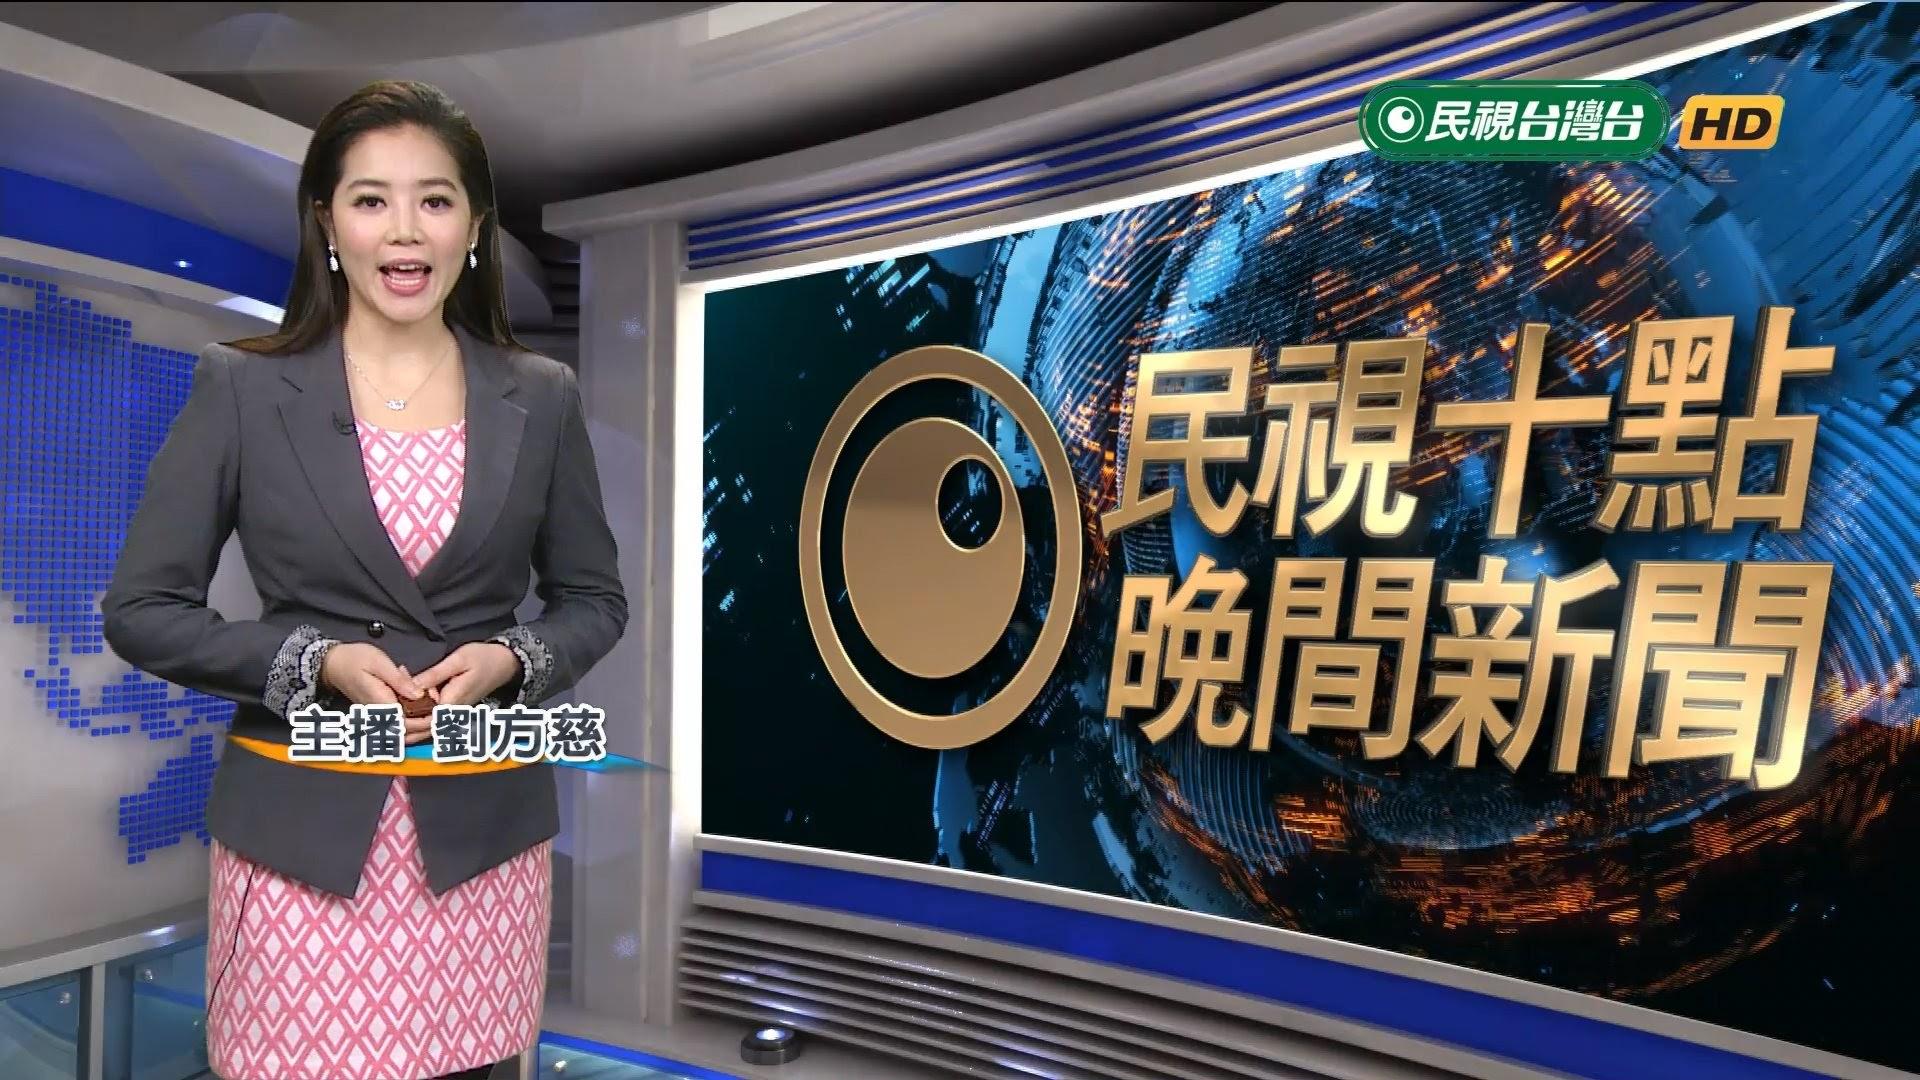 原來生活是這樣: 2017.01.24 民視主播 劉方慈